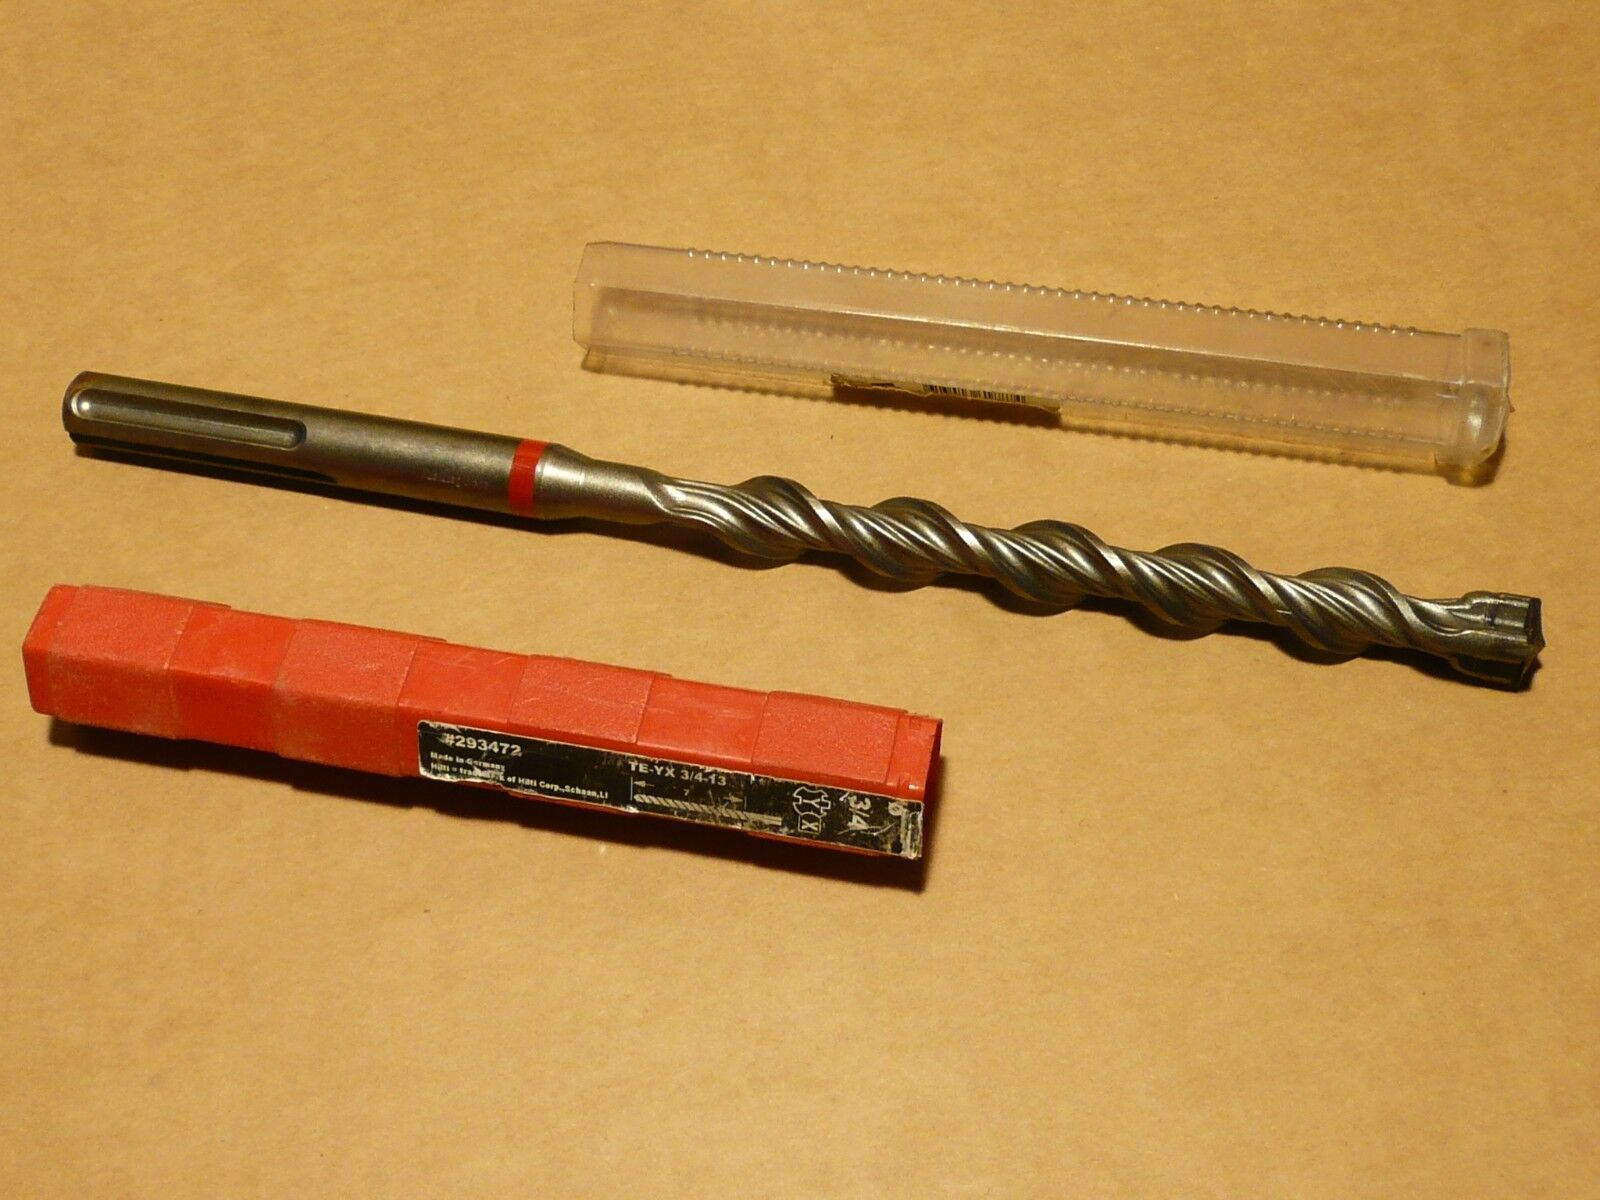 Hilti TE-YX Hammer Drill Bit with SDS-Max Shank - 3 4  x 13  - 293472